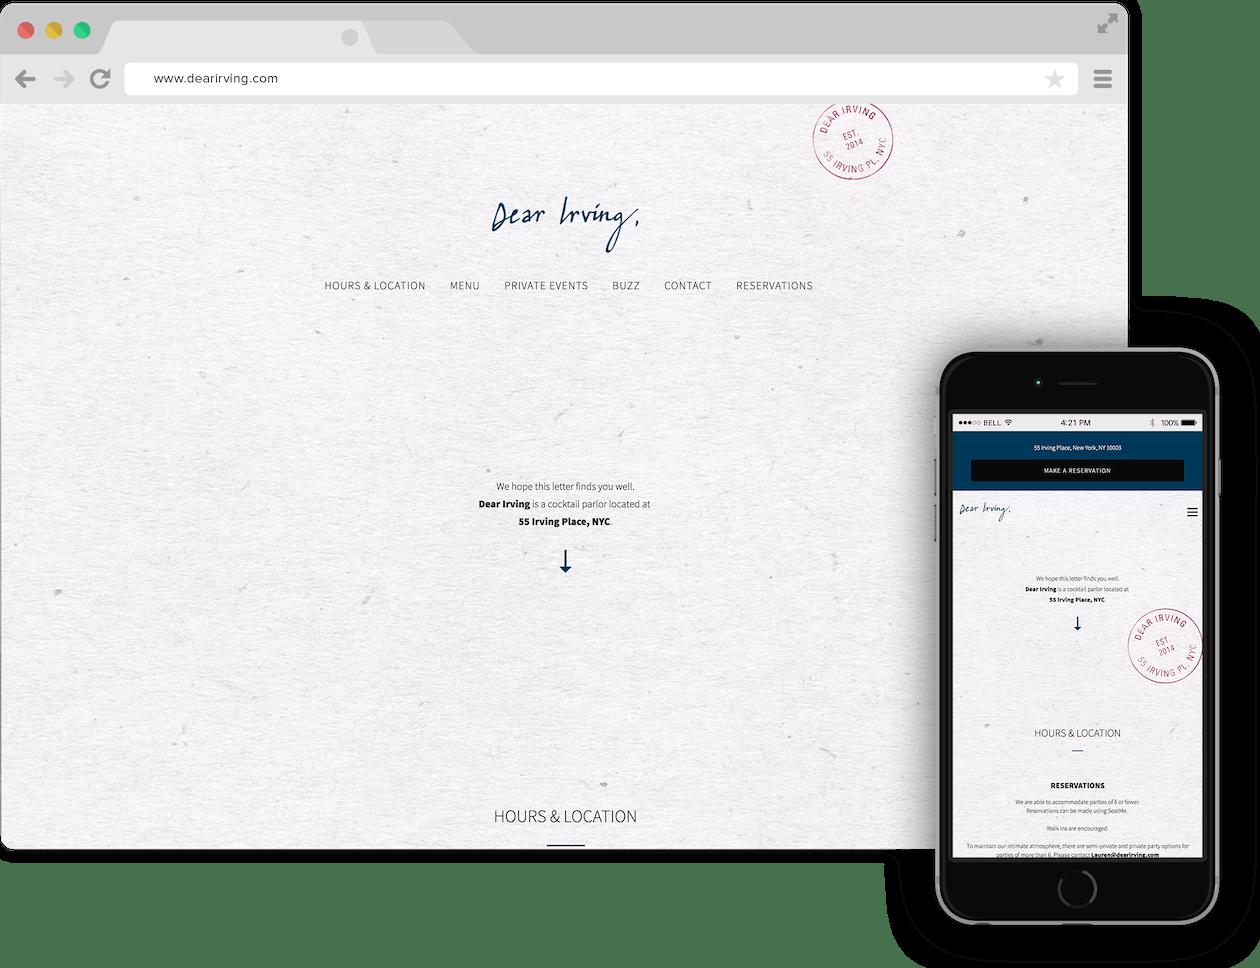 a screenshot of Dear Irving website